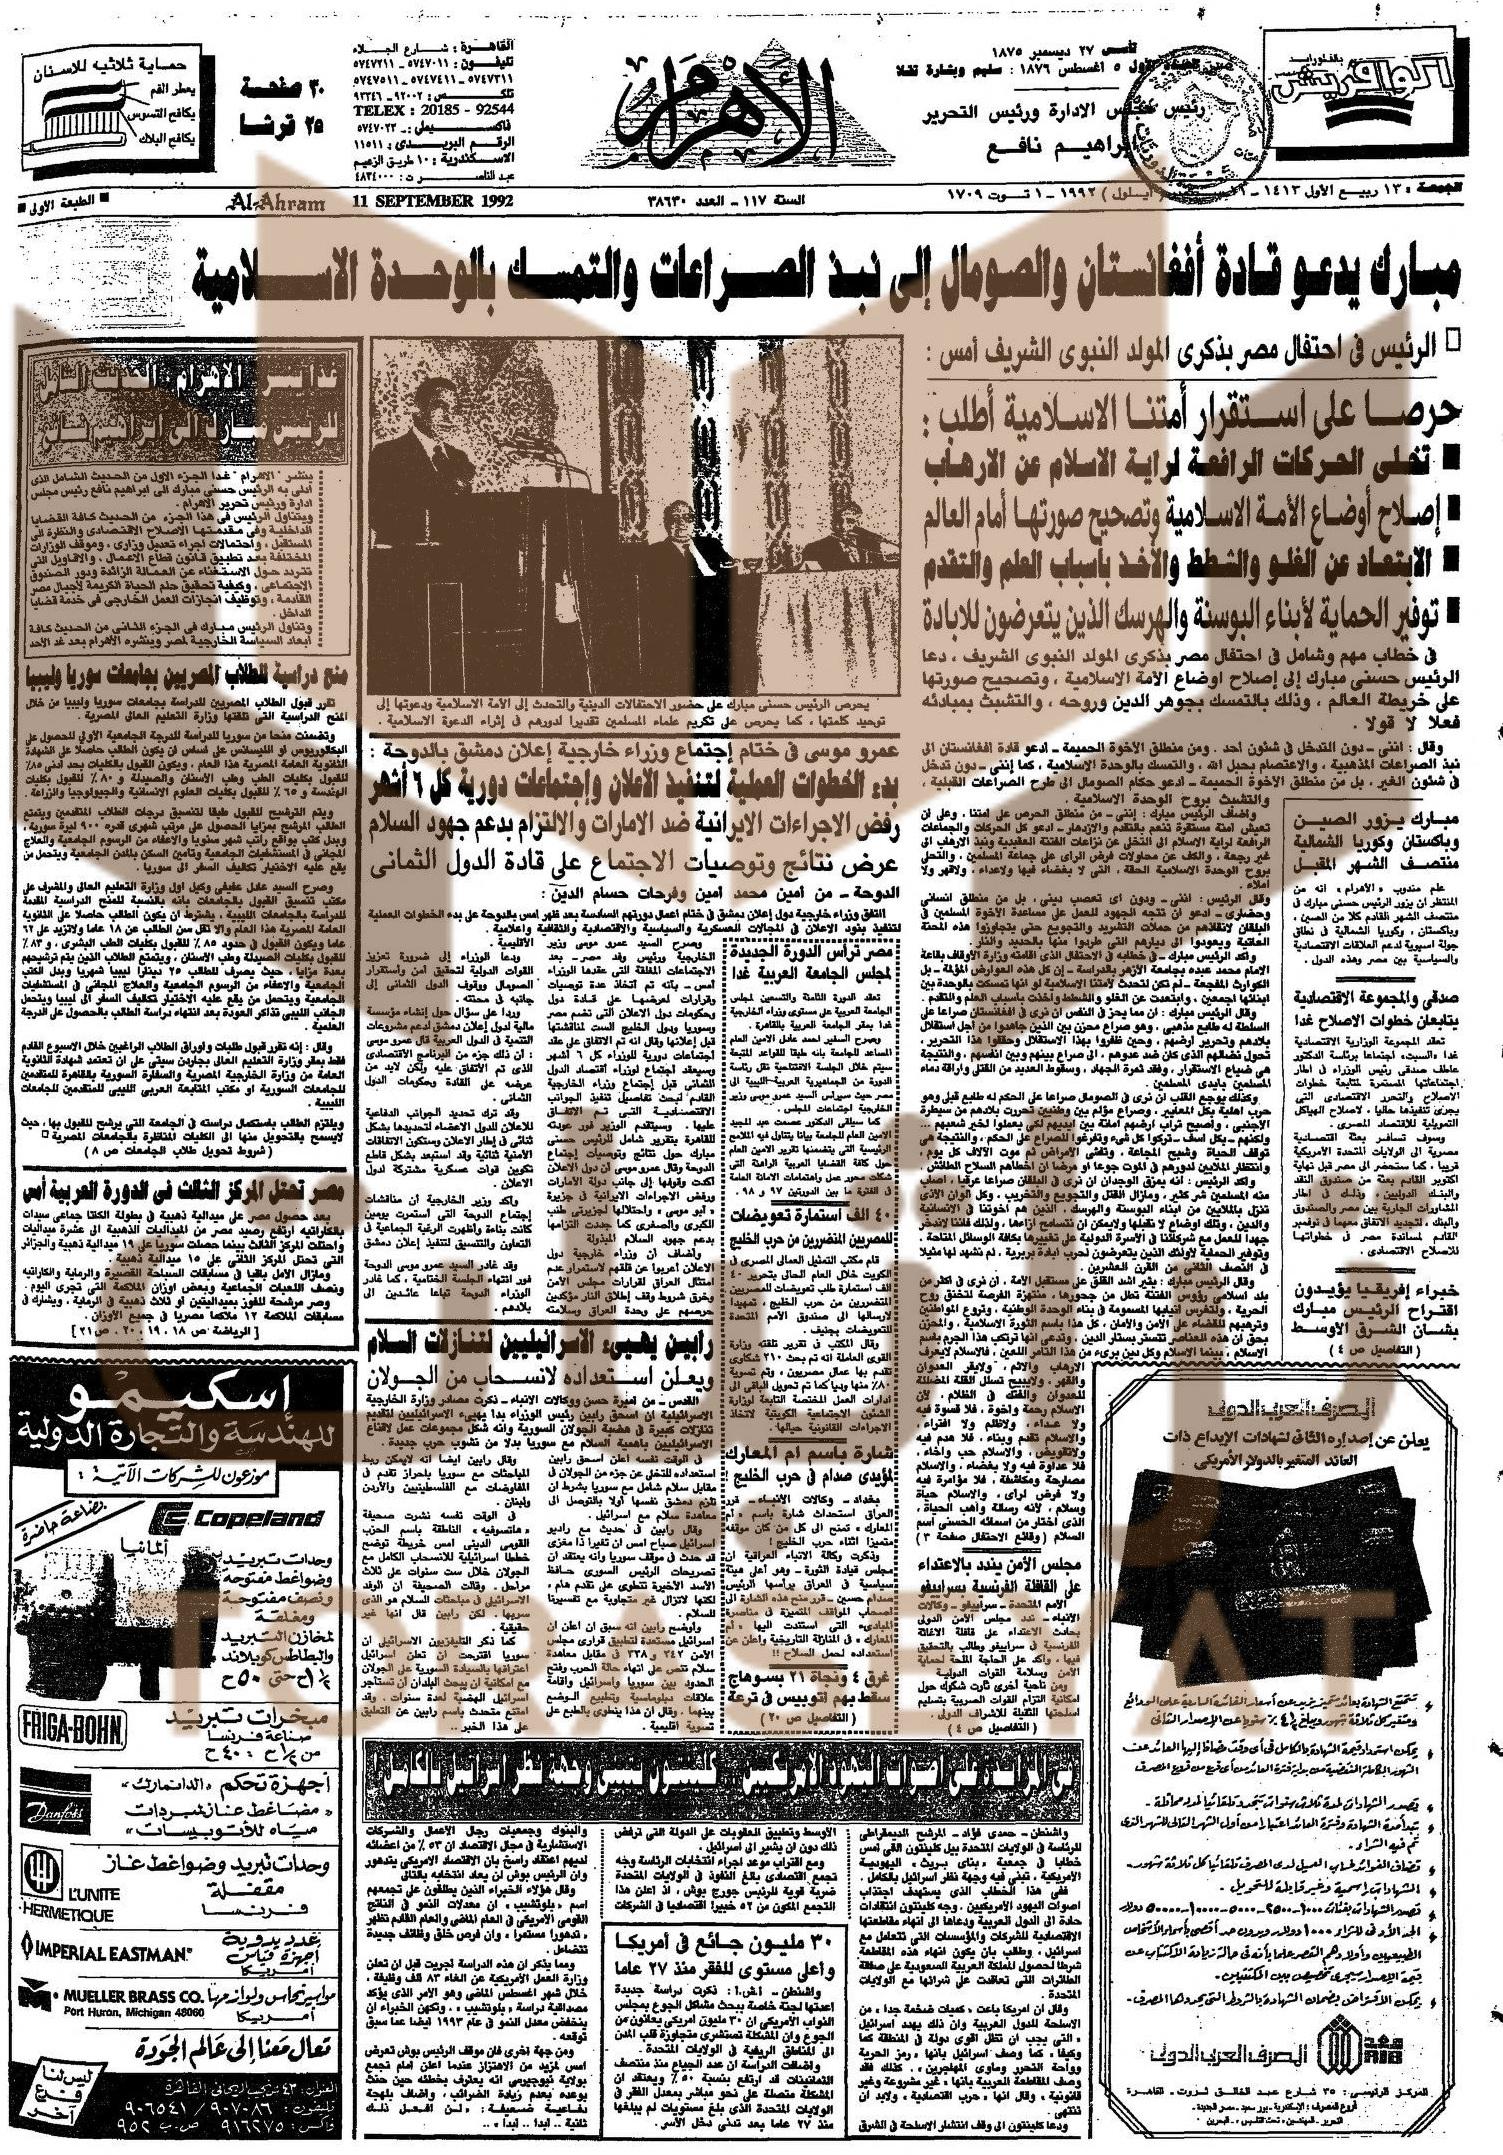 كلمة مبارك في المولد النبوي - 11 سبتمبر 1992